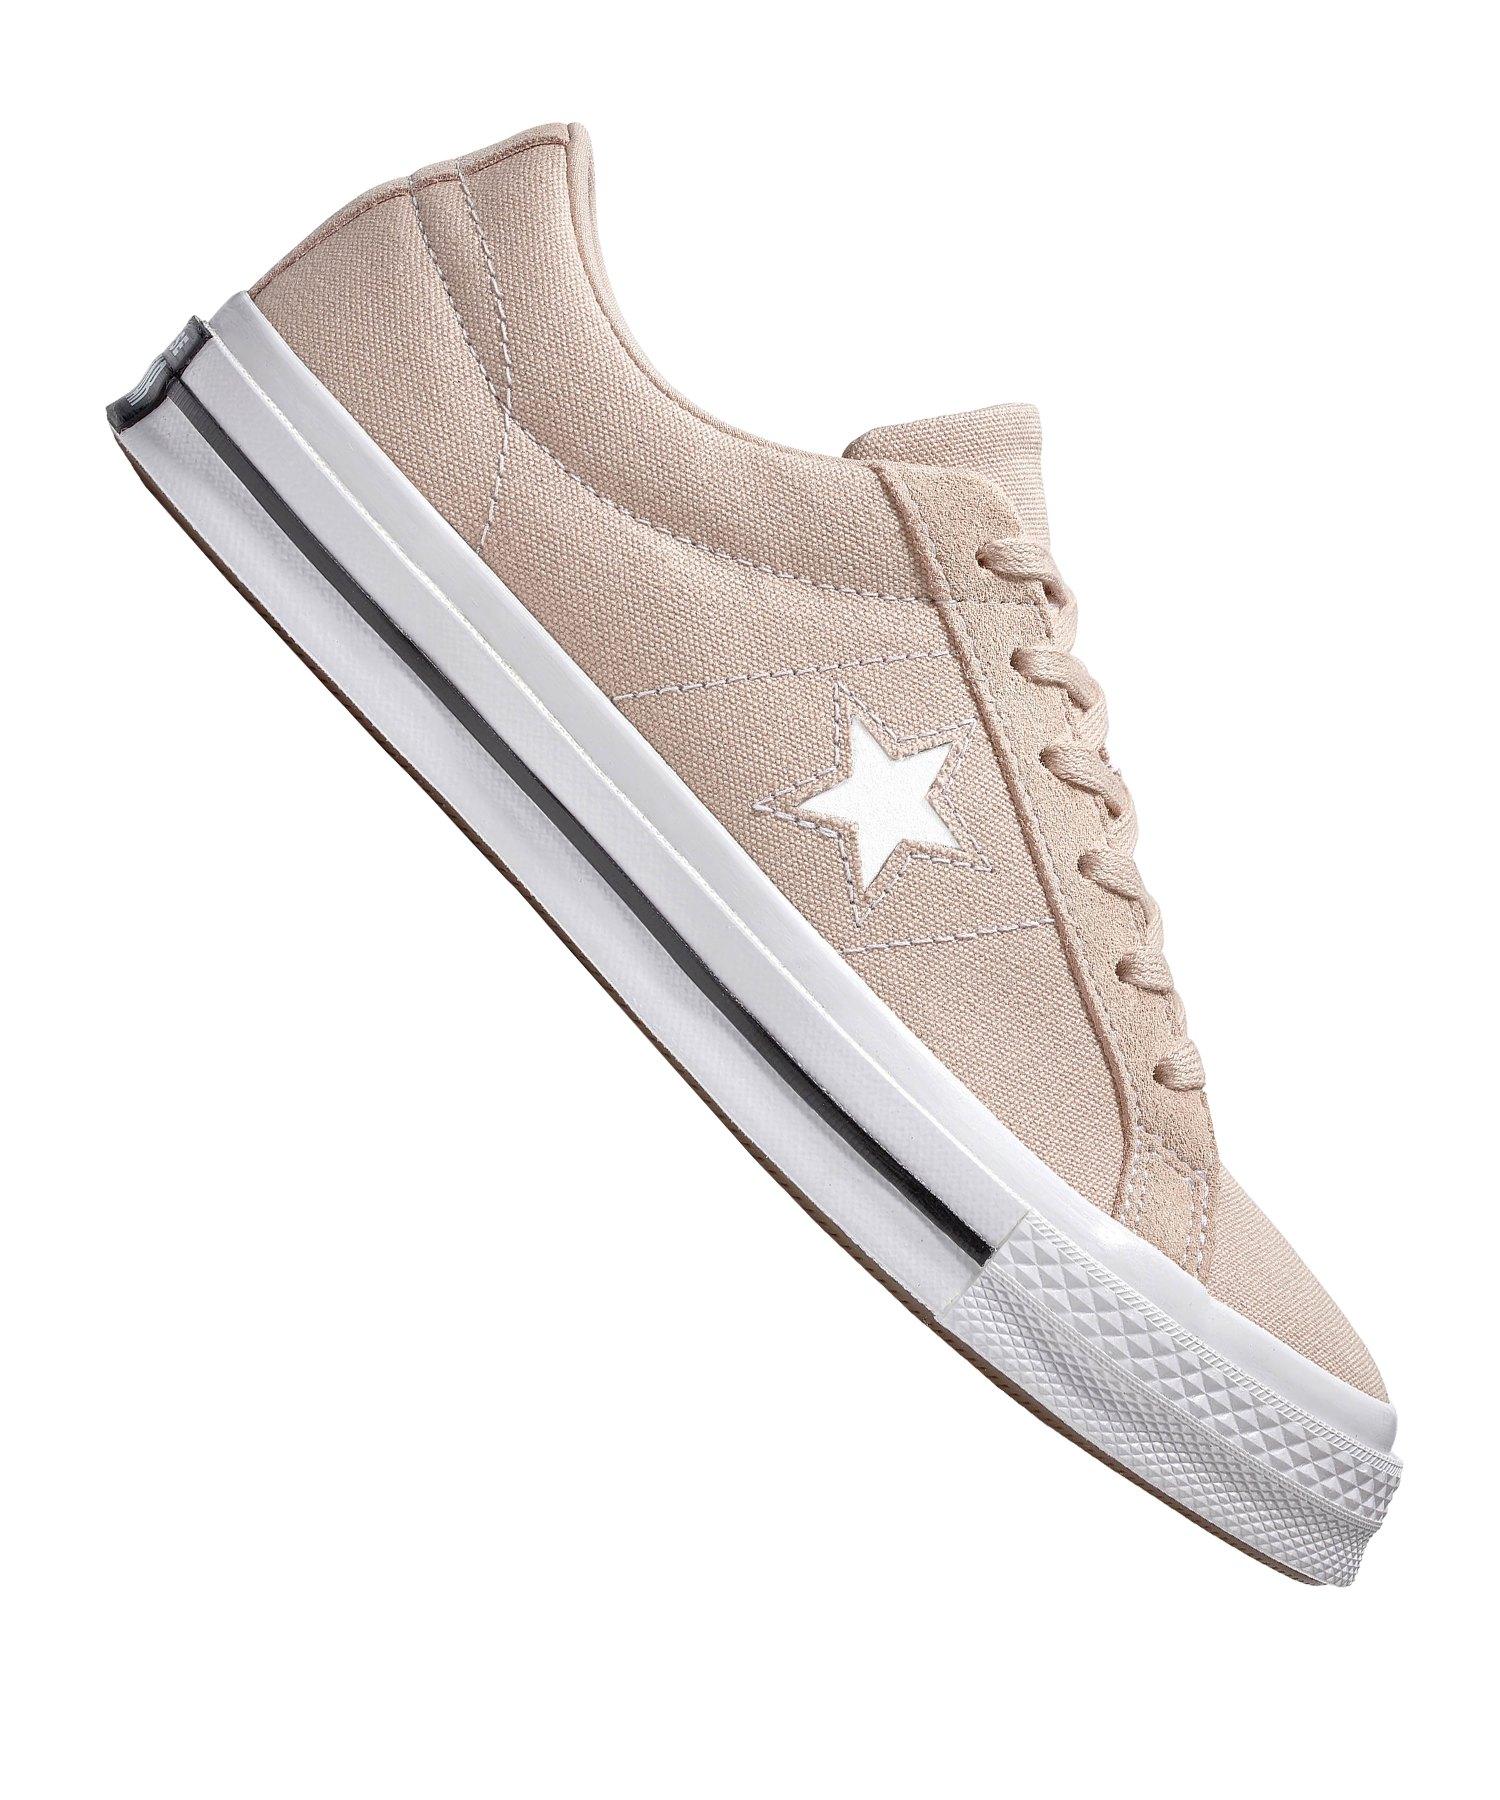 Converse One Star OX Sneaker Beige F264 - beige